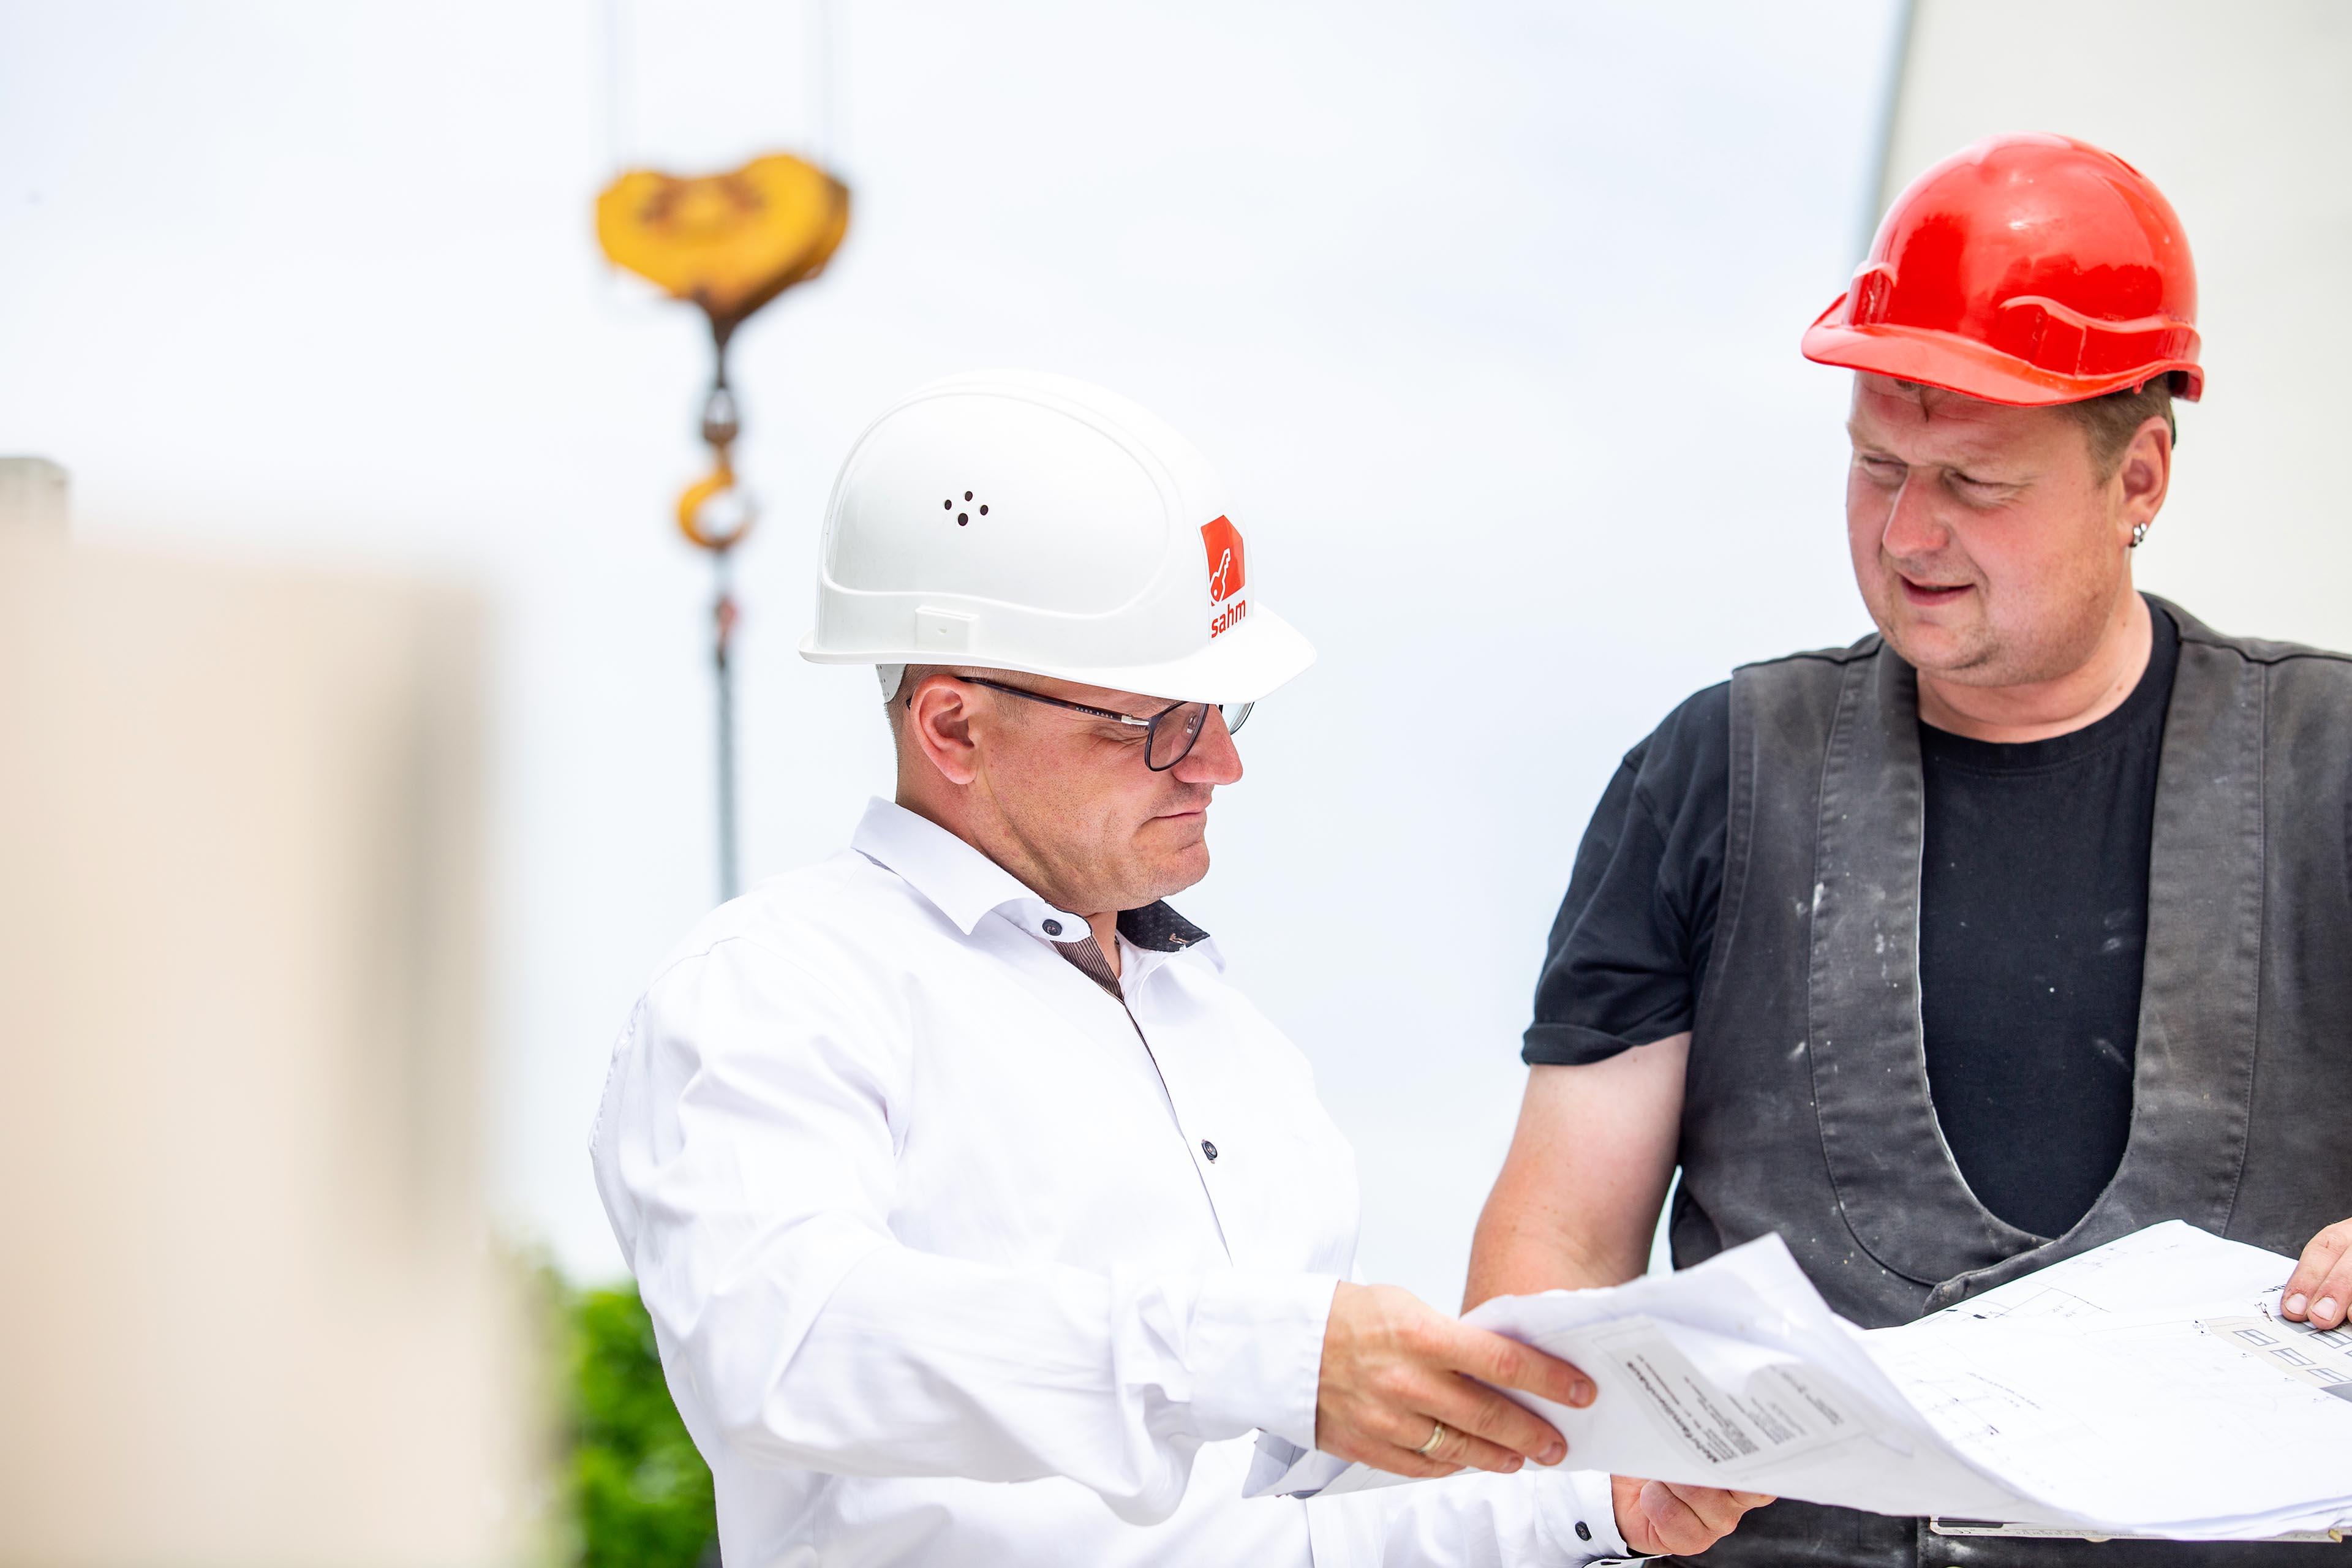 Sahm GmbH | Überprüfung der Bauzeichnung